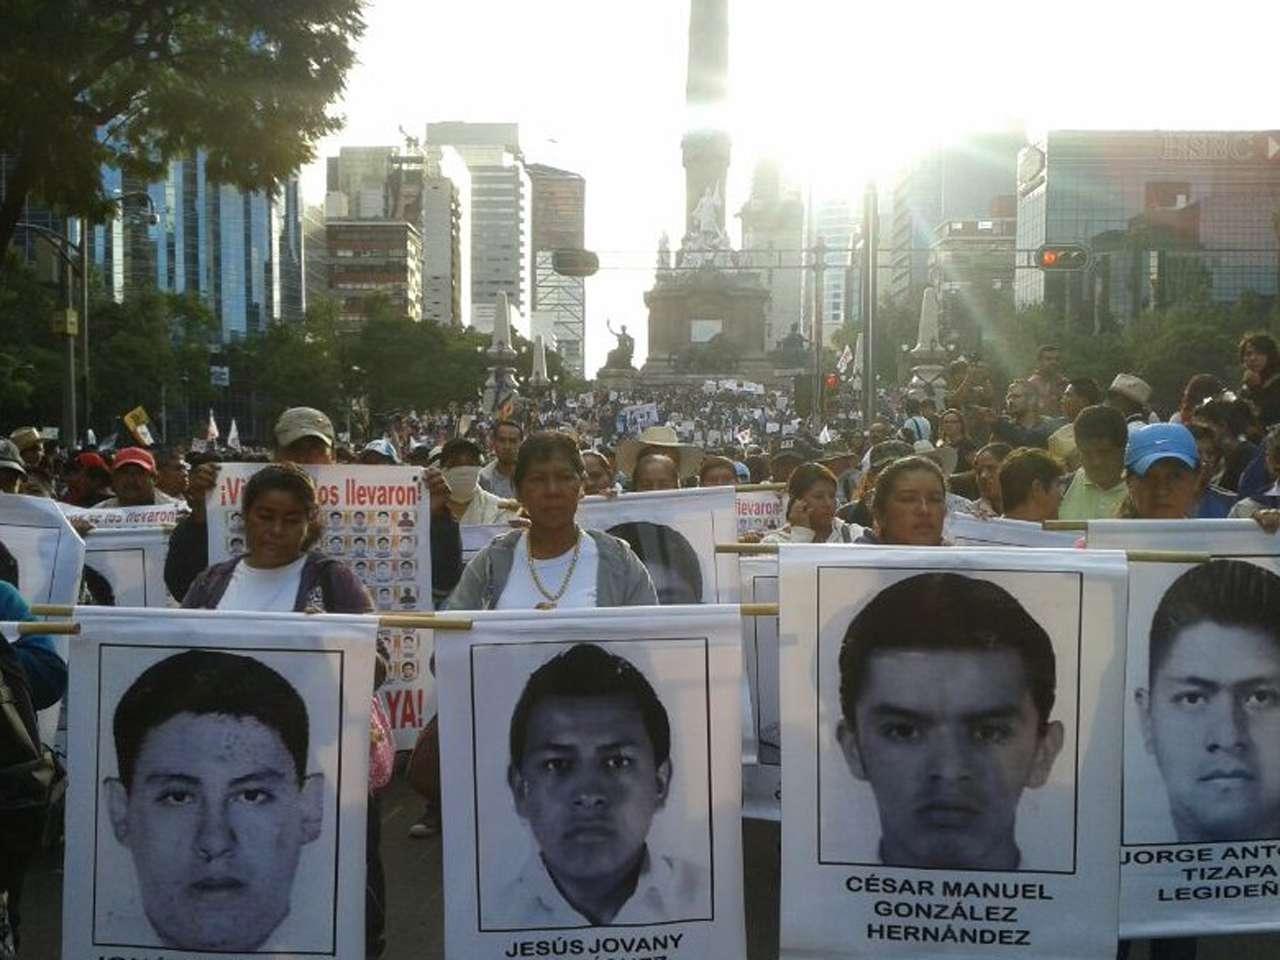 Familiares y compañeros de los 43 estudiantes de la Normal Rural de Ayotzinapa, junto con miles de personas marcharon del Ángel de la Independencia al Zócalo capitalino para exigir la presentación con vida de los jóvenes desaparecidos el pasado 26 de septiembre en Iguala, Guerrero. Foto: @masde131